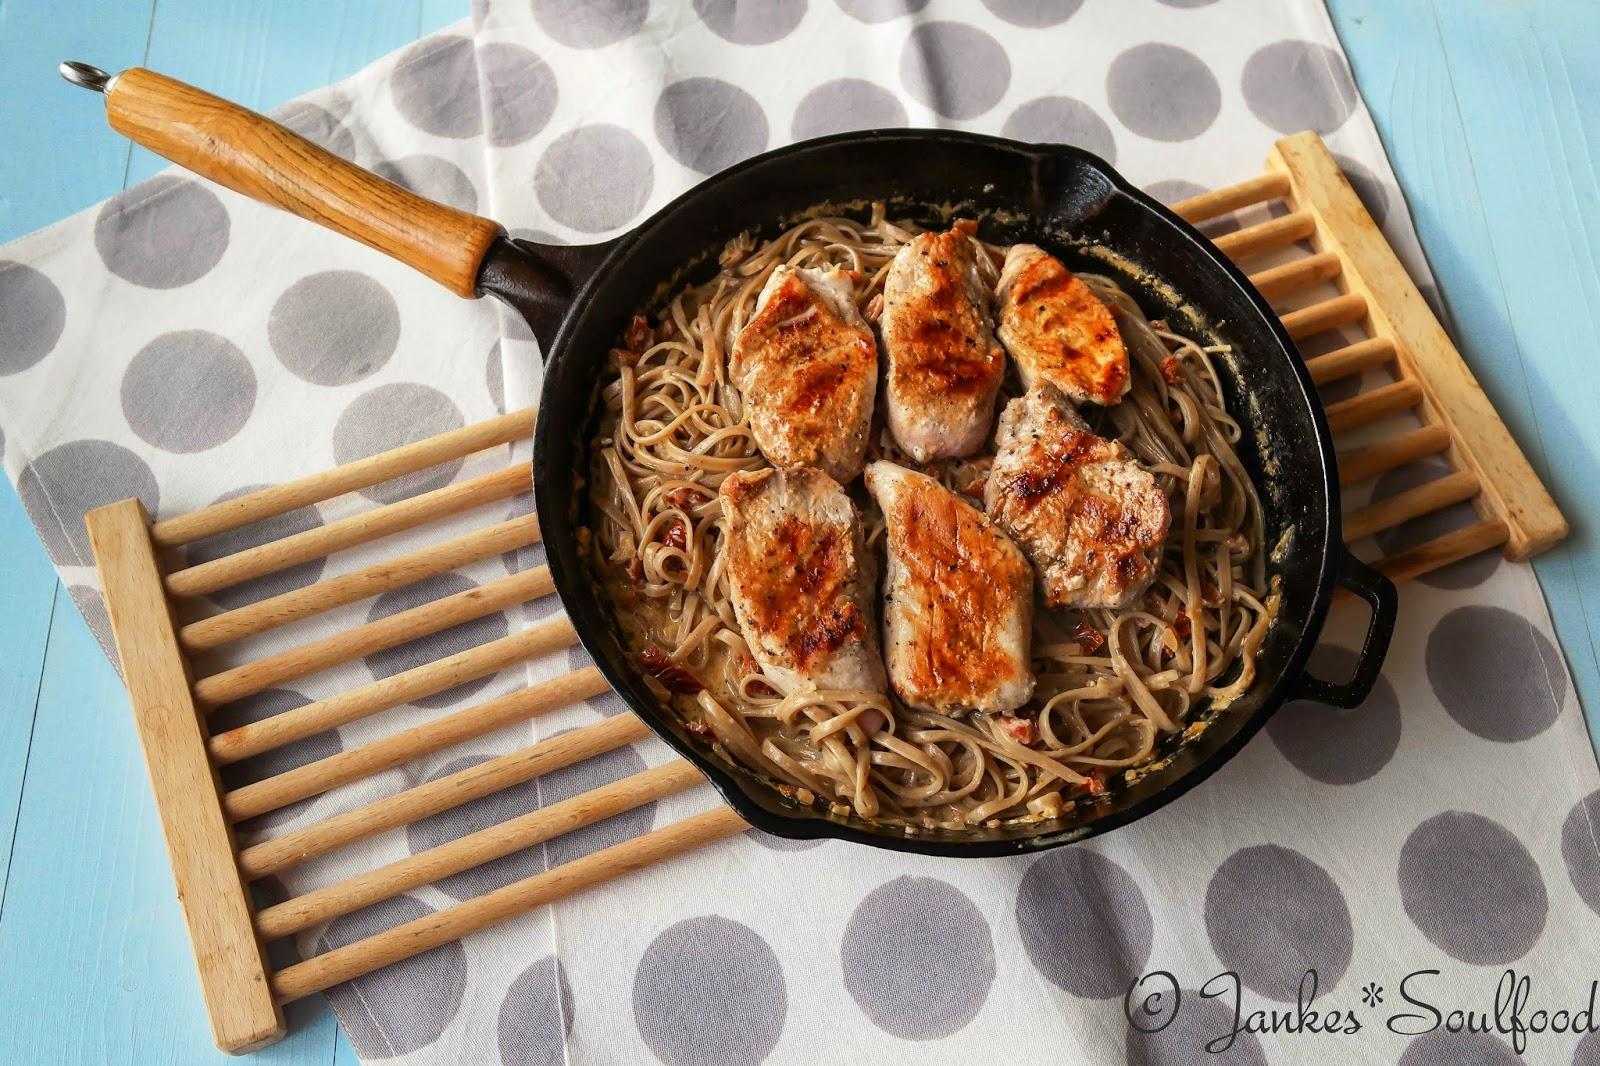 Steinpilzpasta mit Schweinefilet - Jankes Soulfood